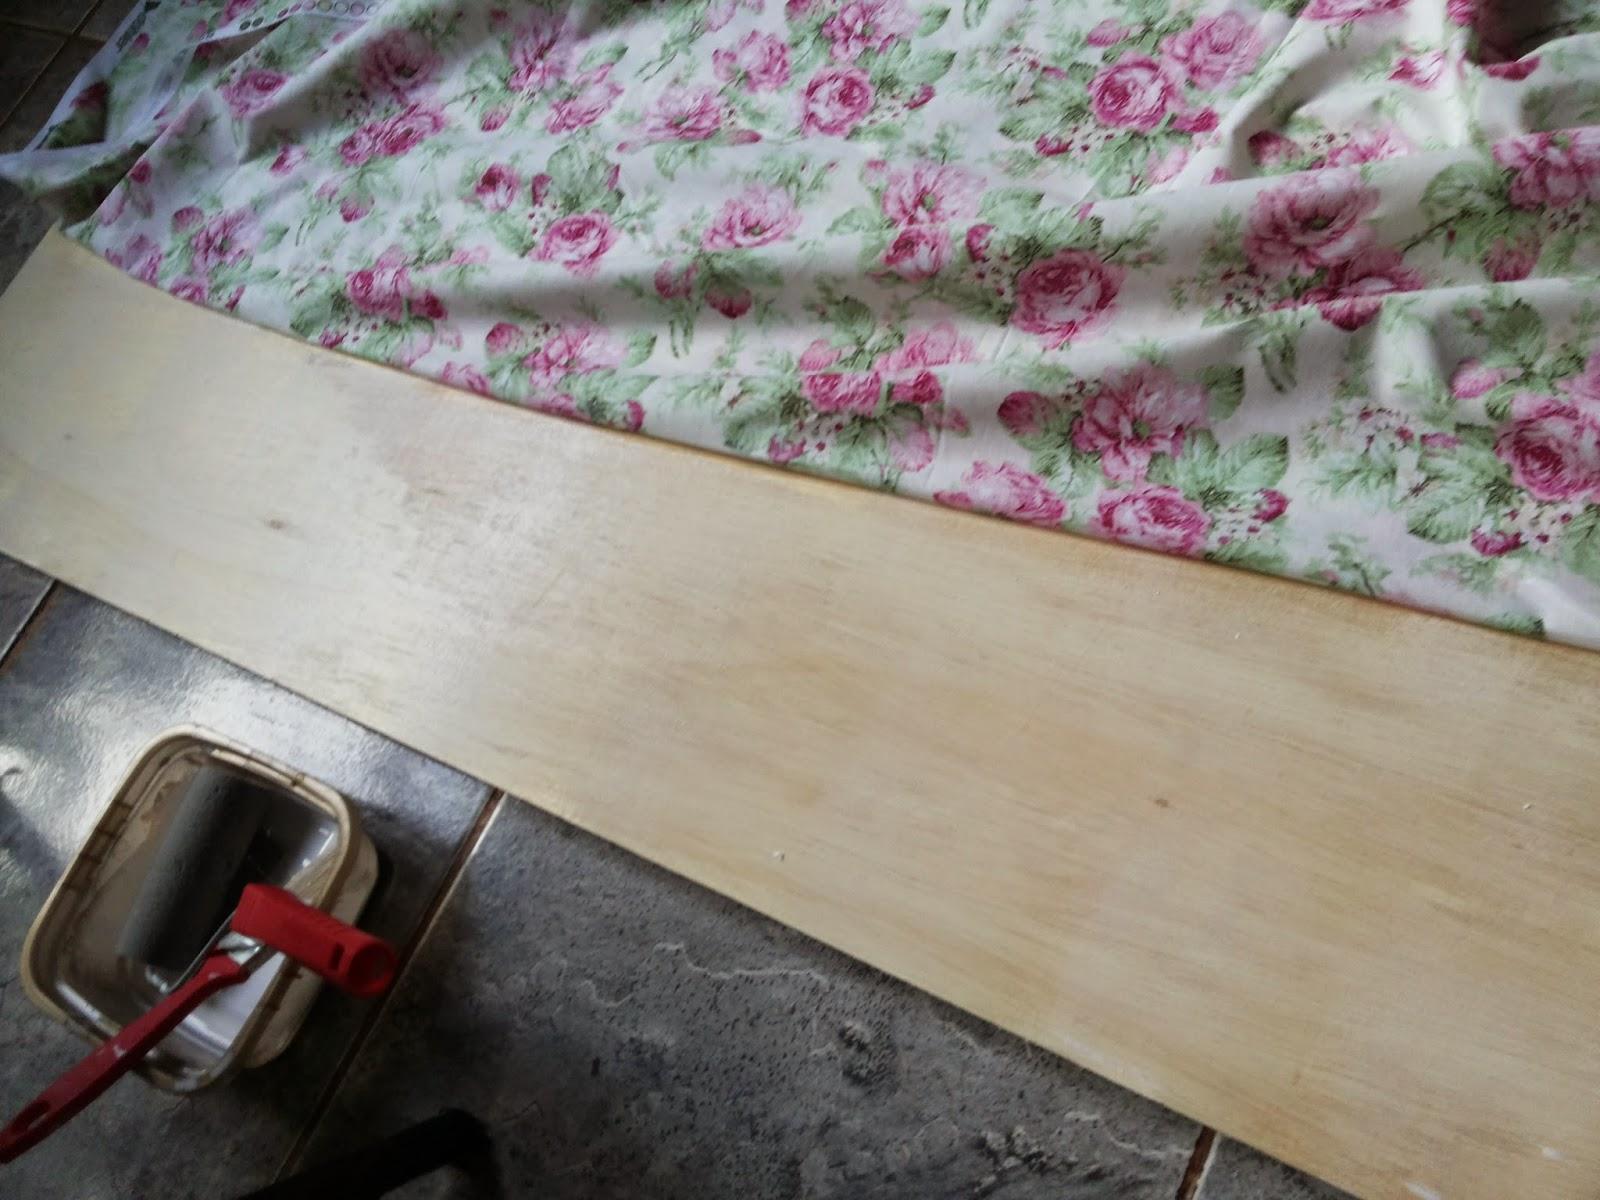 Como minha casa é de madeira precisava de um fundo bonito. Comprei  #64393E 1600x1200